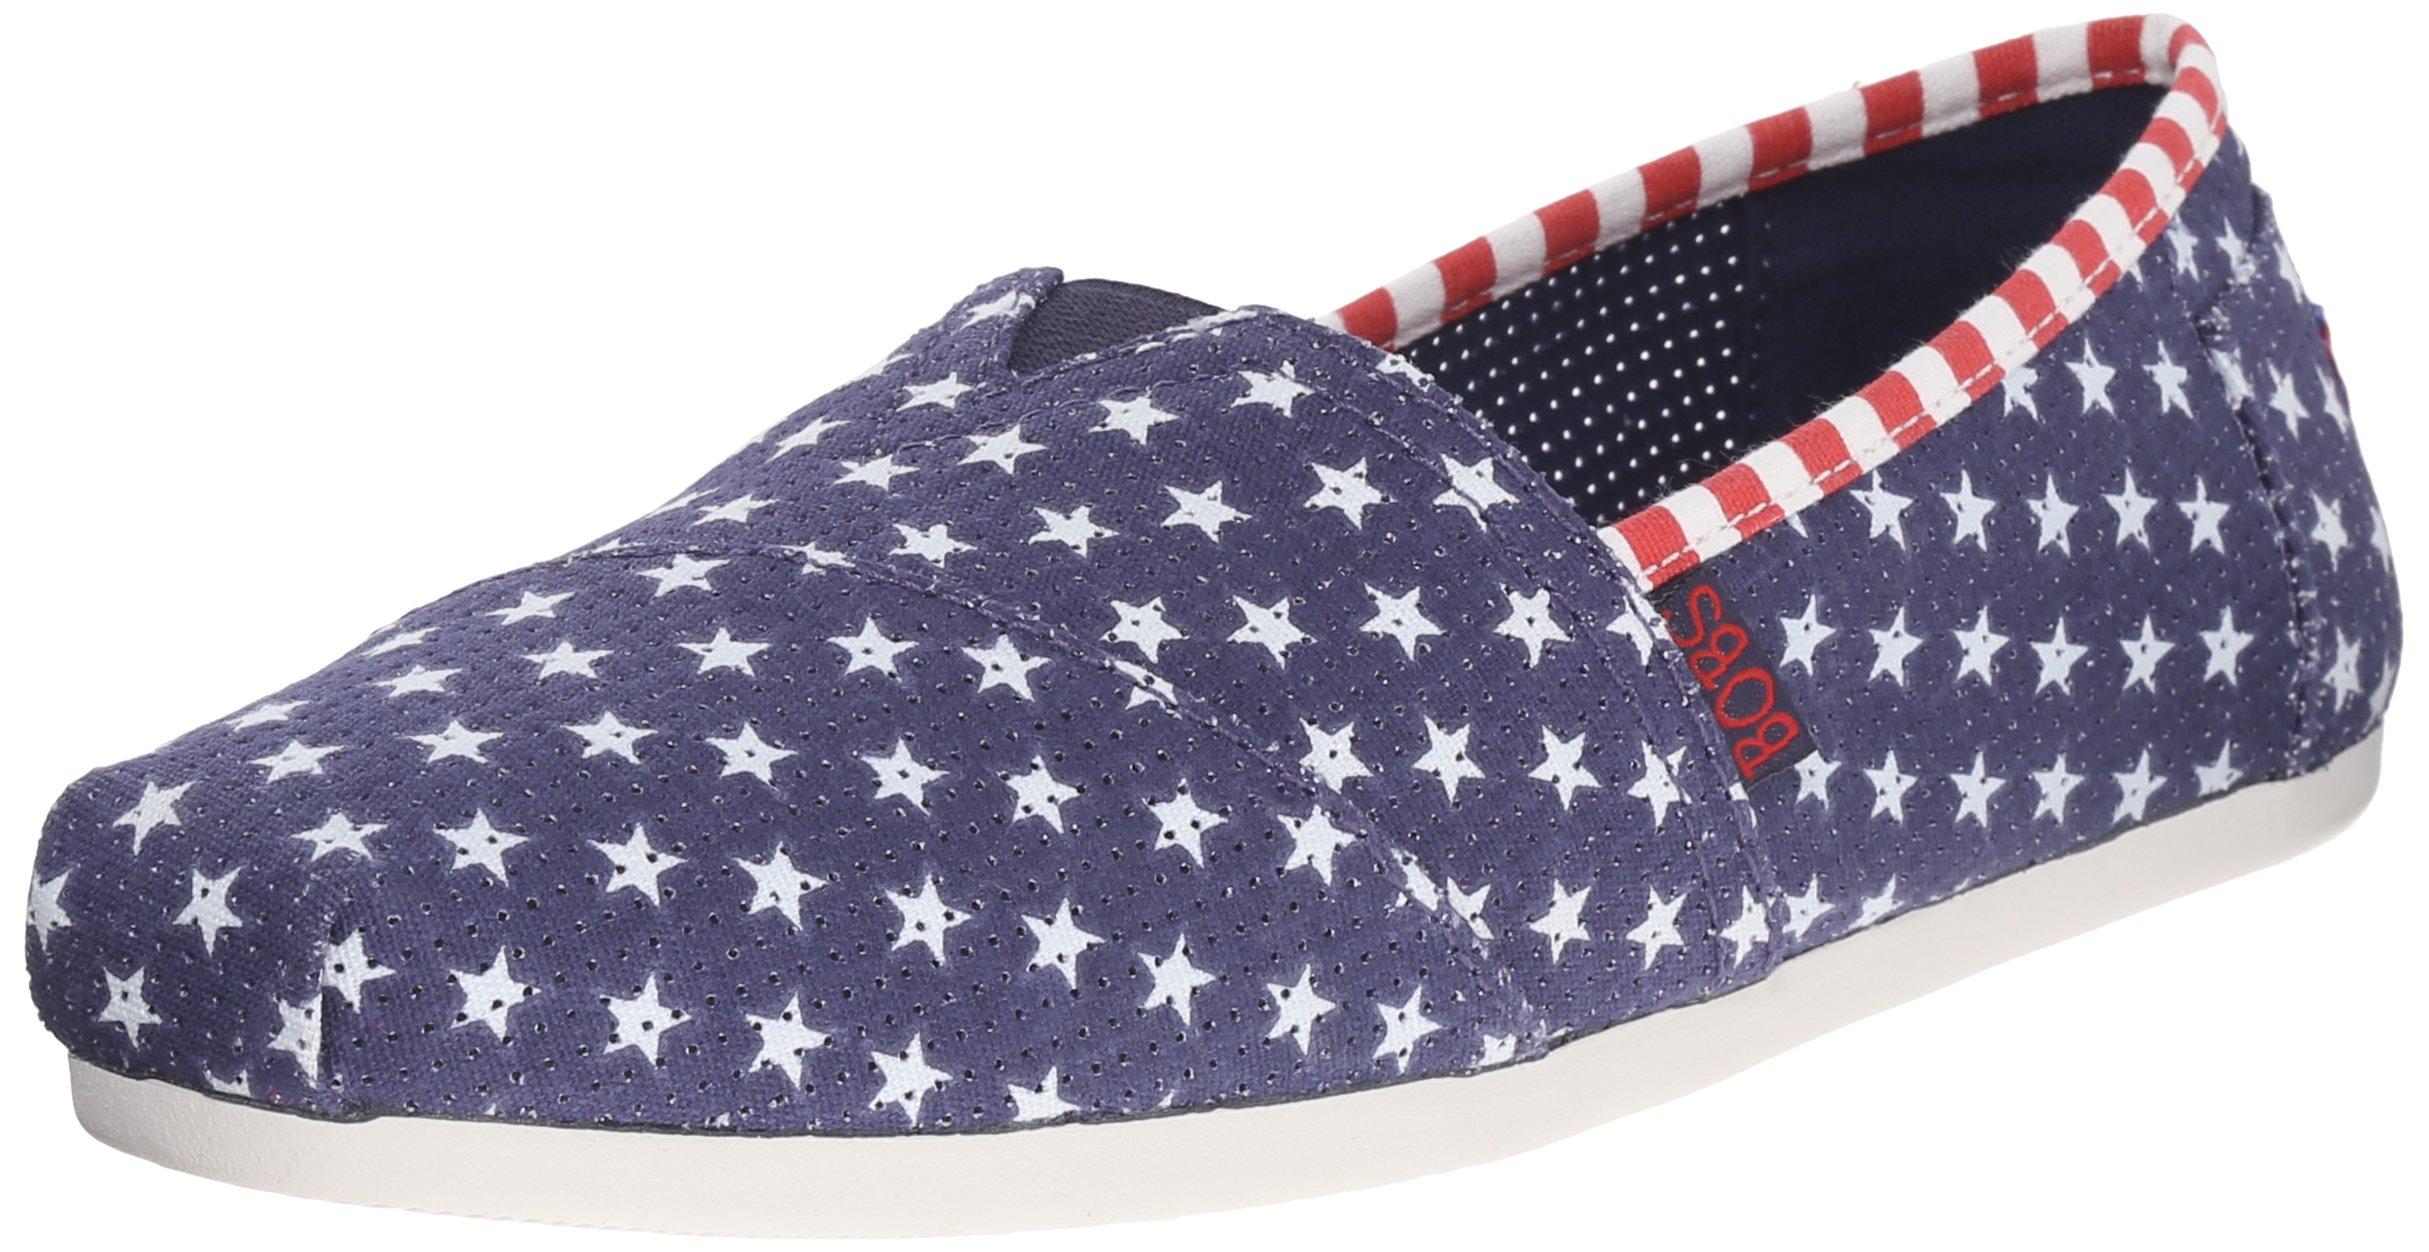 Skechers BOBS from Women's Plush Summer Sunset Flat, Navy Little Stars, 6 M US